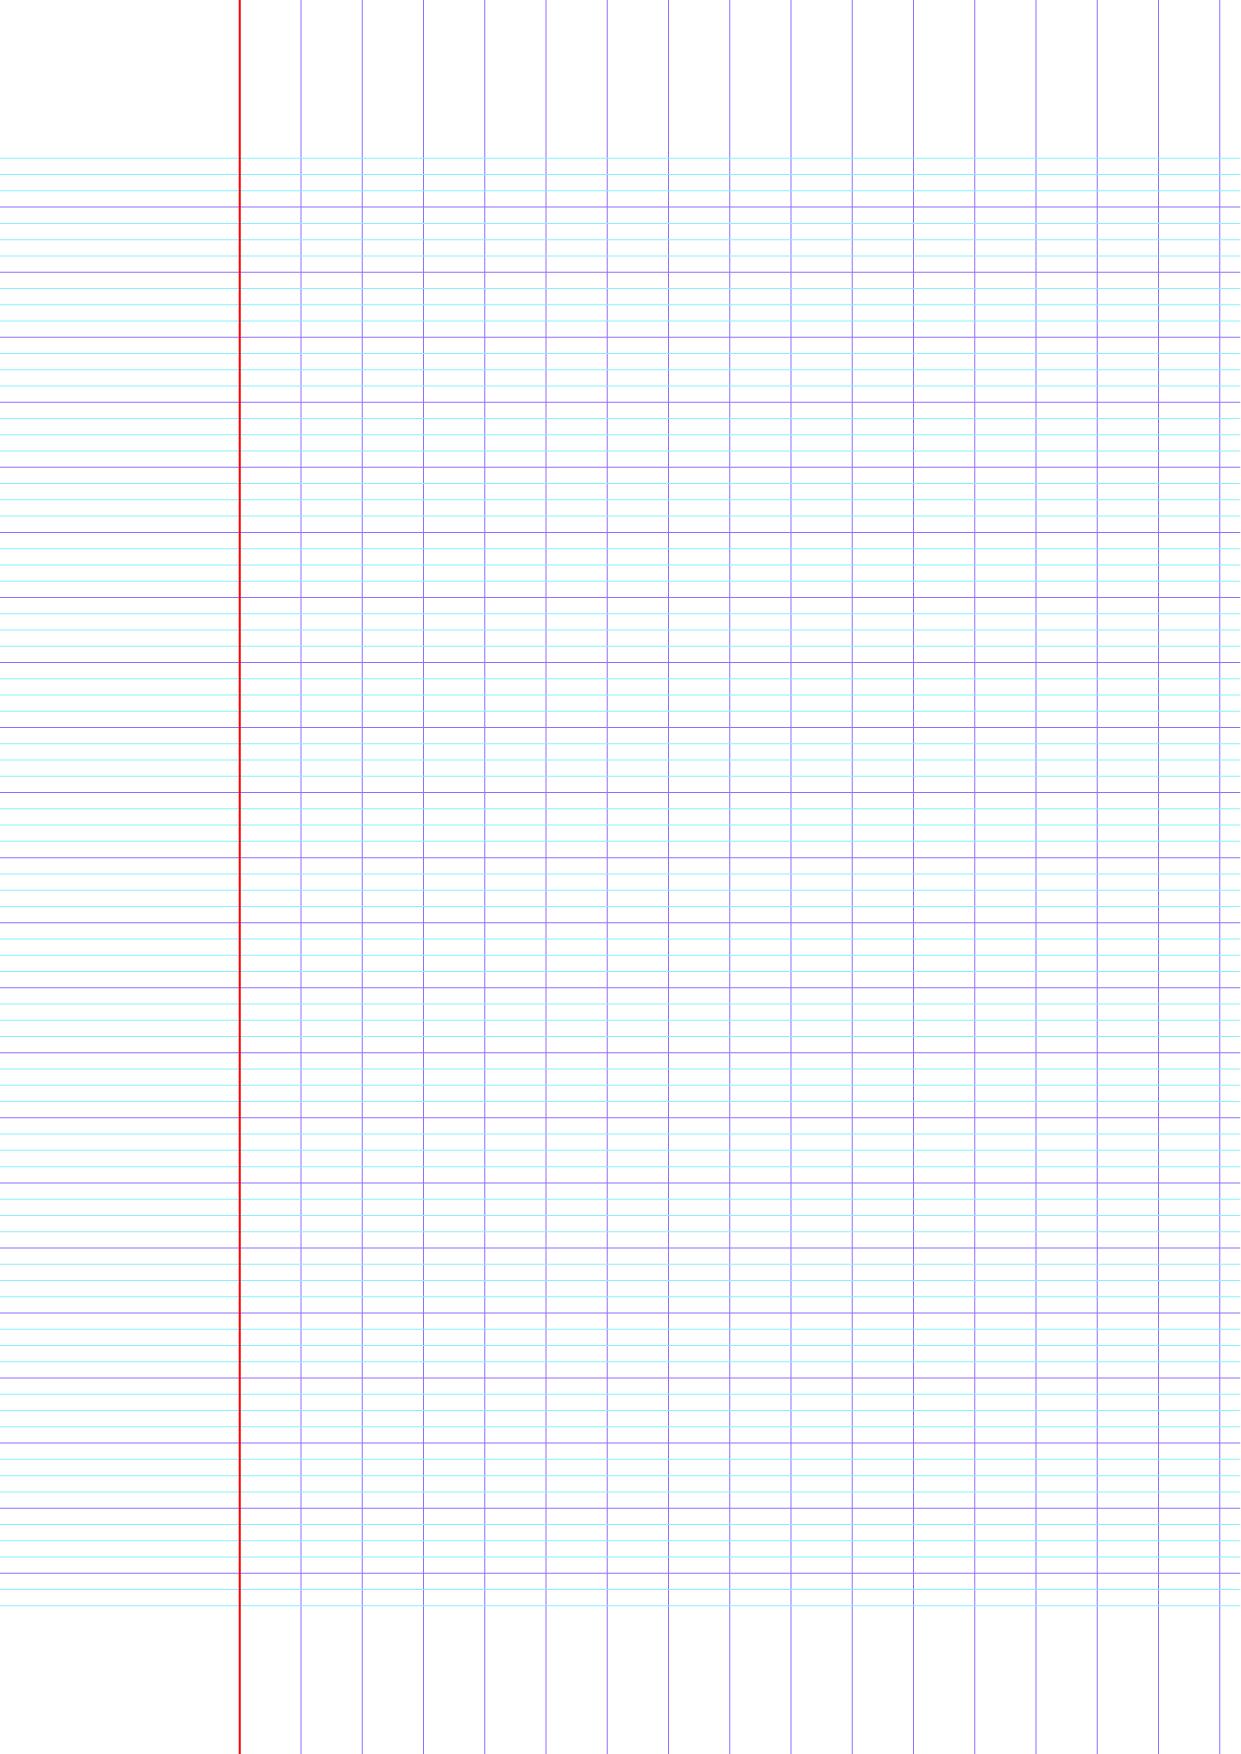 Feuille D'écriture Vierge À Imprimer | Exercices D'écriture tout Feuille Ligne Lettre